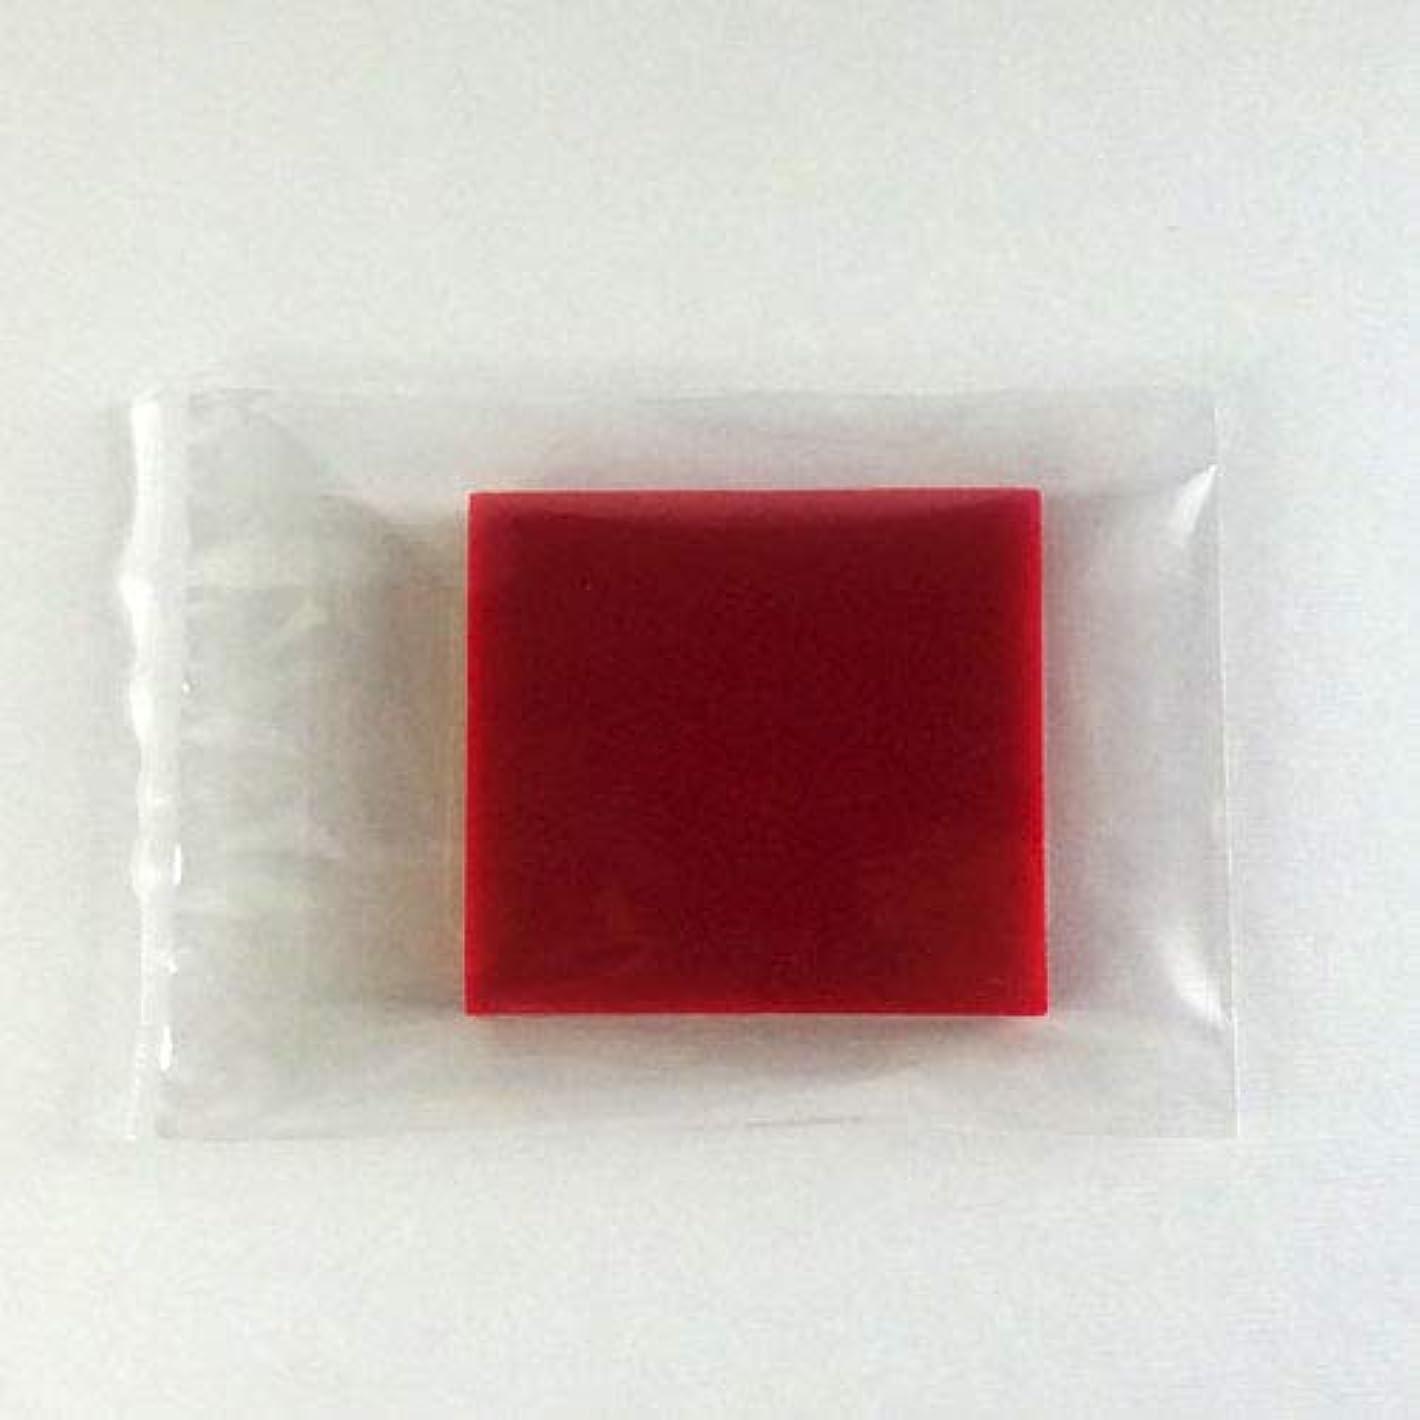 パイントテクニカル冒険家グリセリンソープ MPソープ 色チップ 赤(レッド) 60g(30g x 2pc)